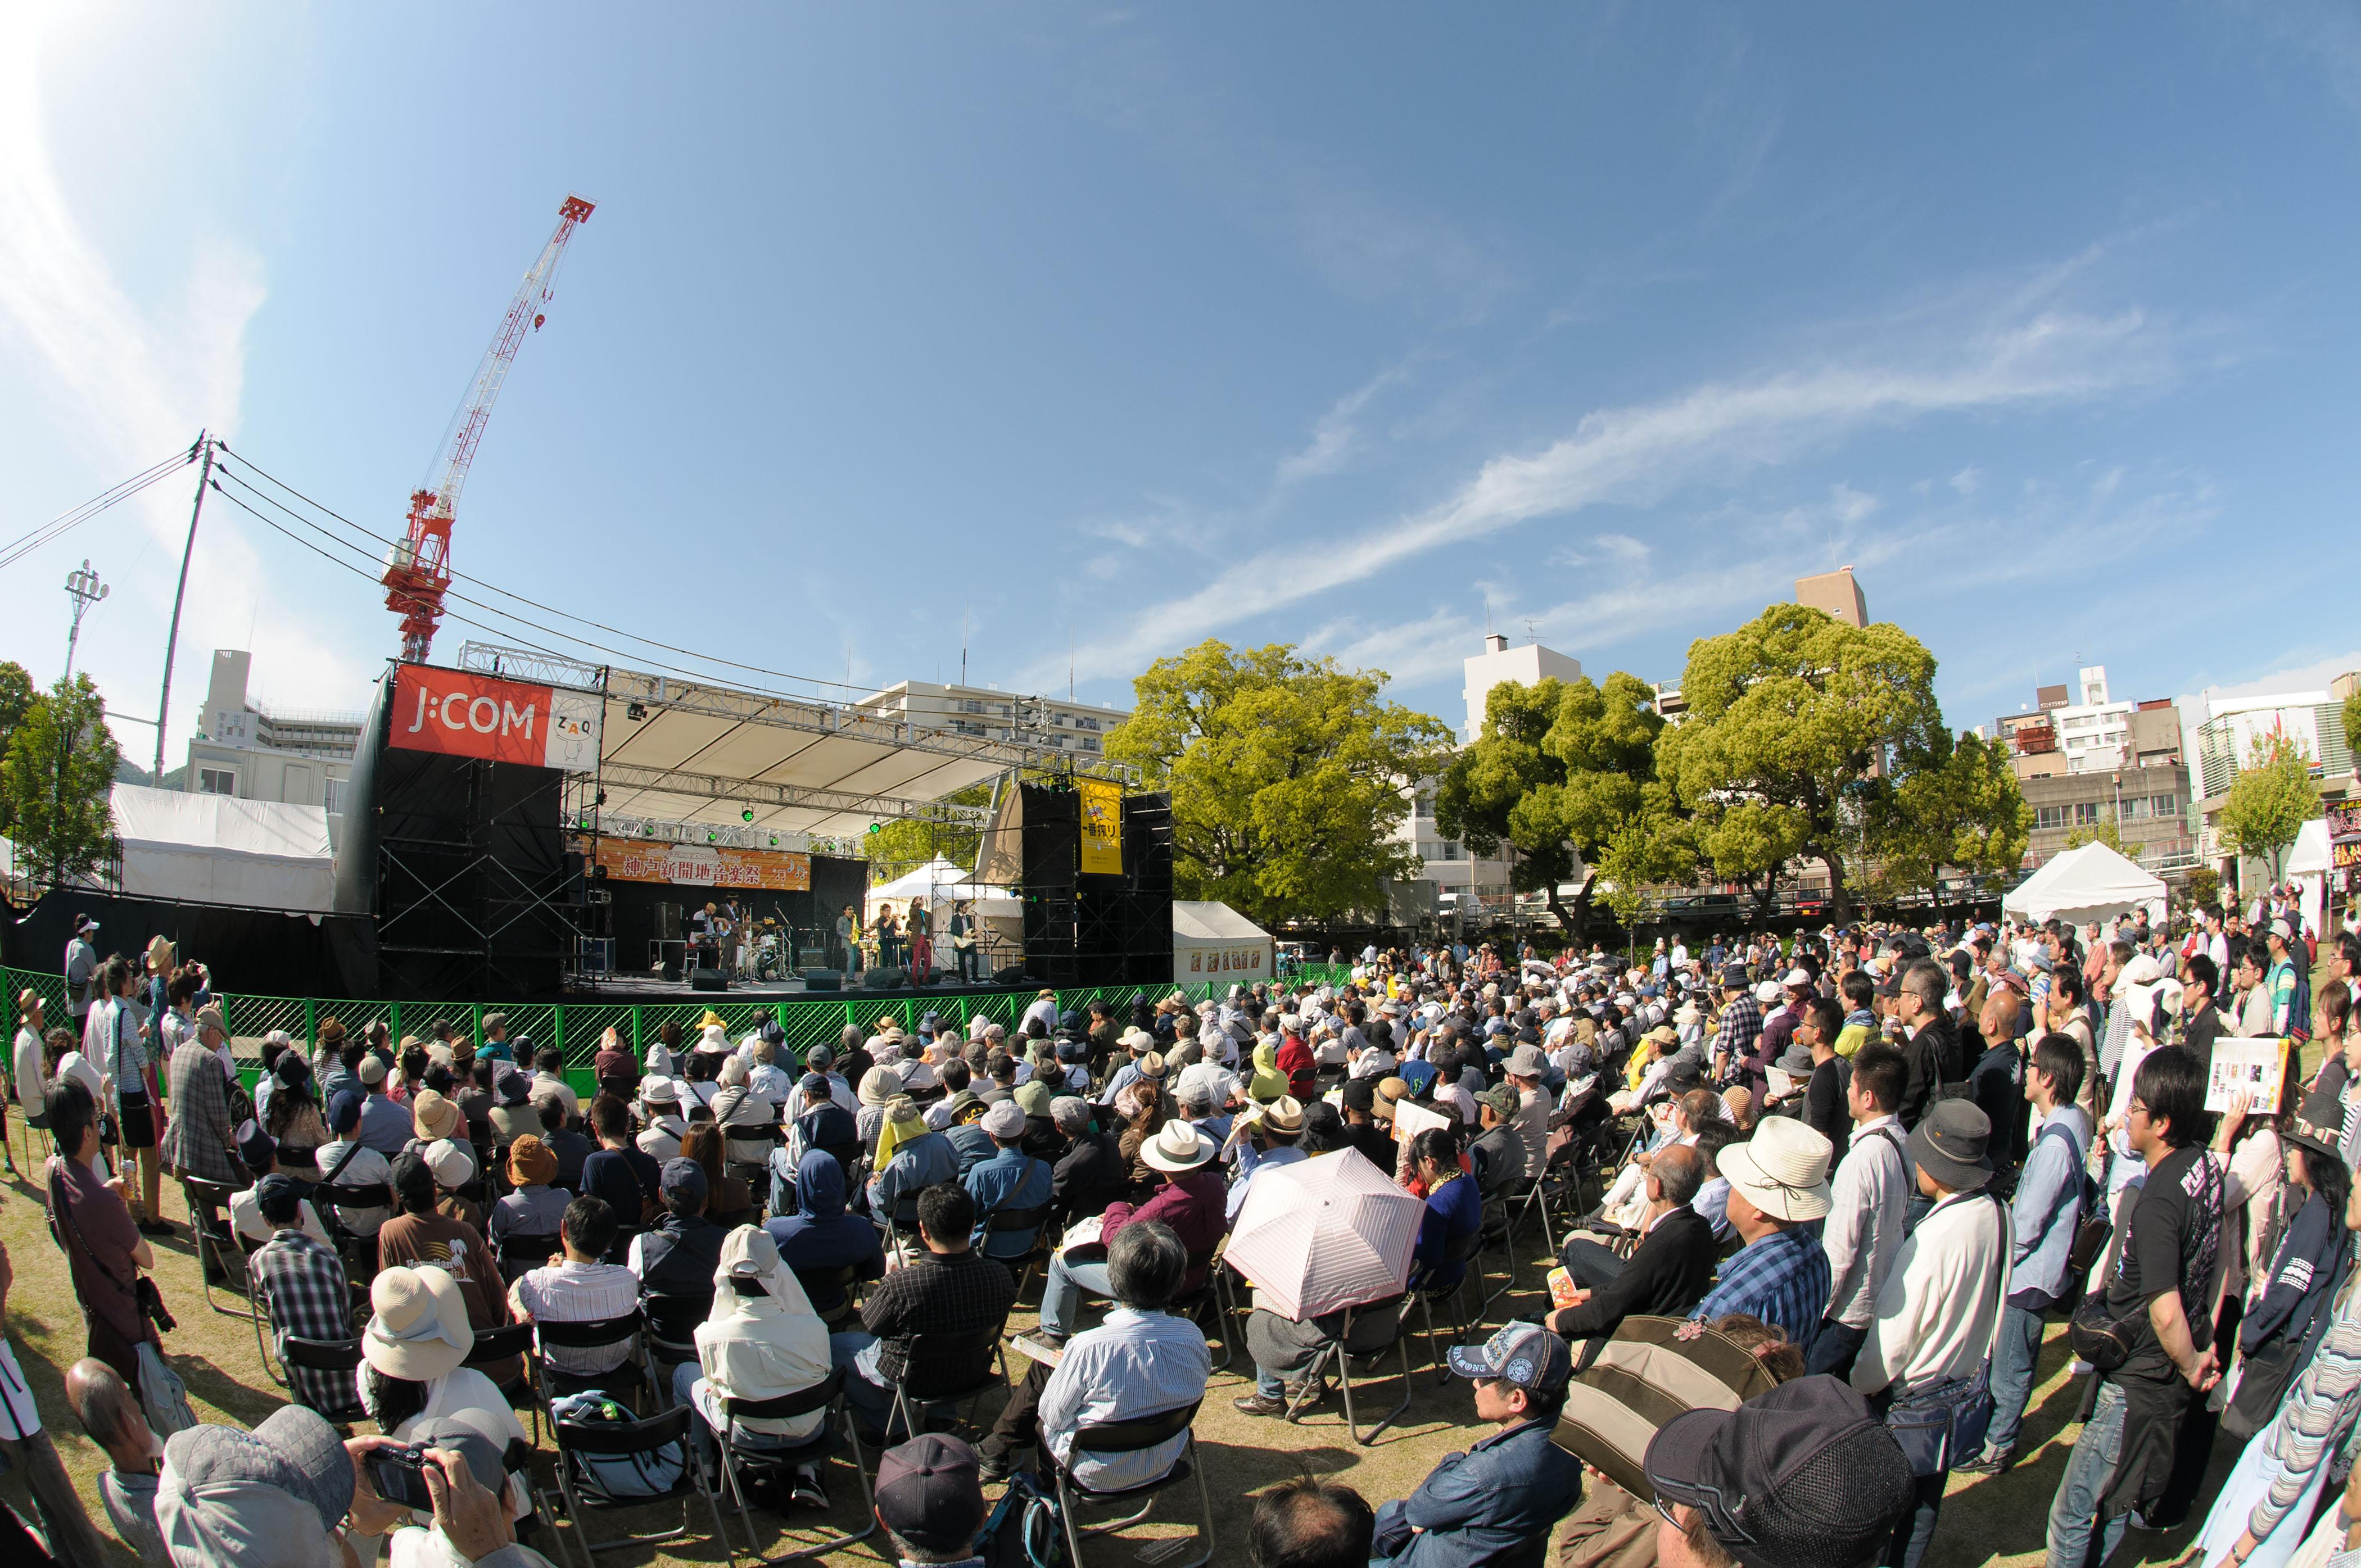 【第20回神戸新開地音楽祭】ステージに続き、各企画の募集も始まりましたーーーーー!